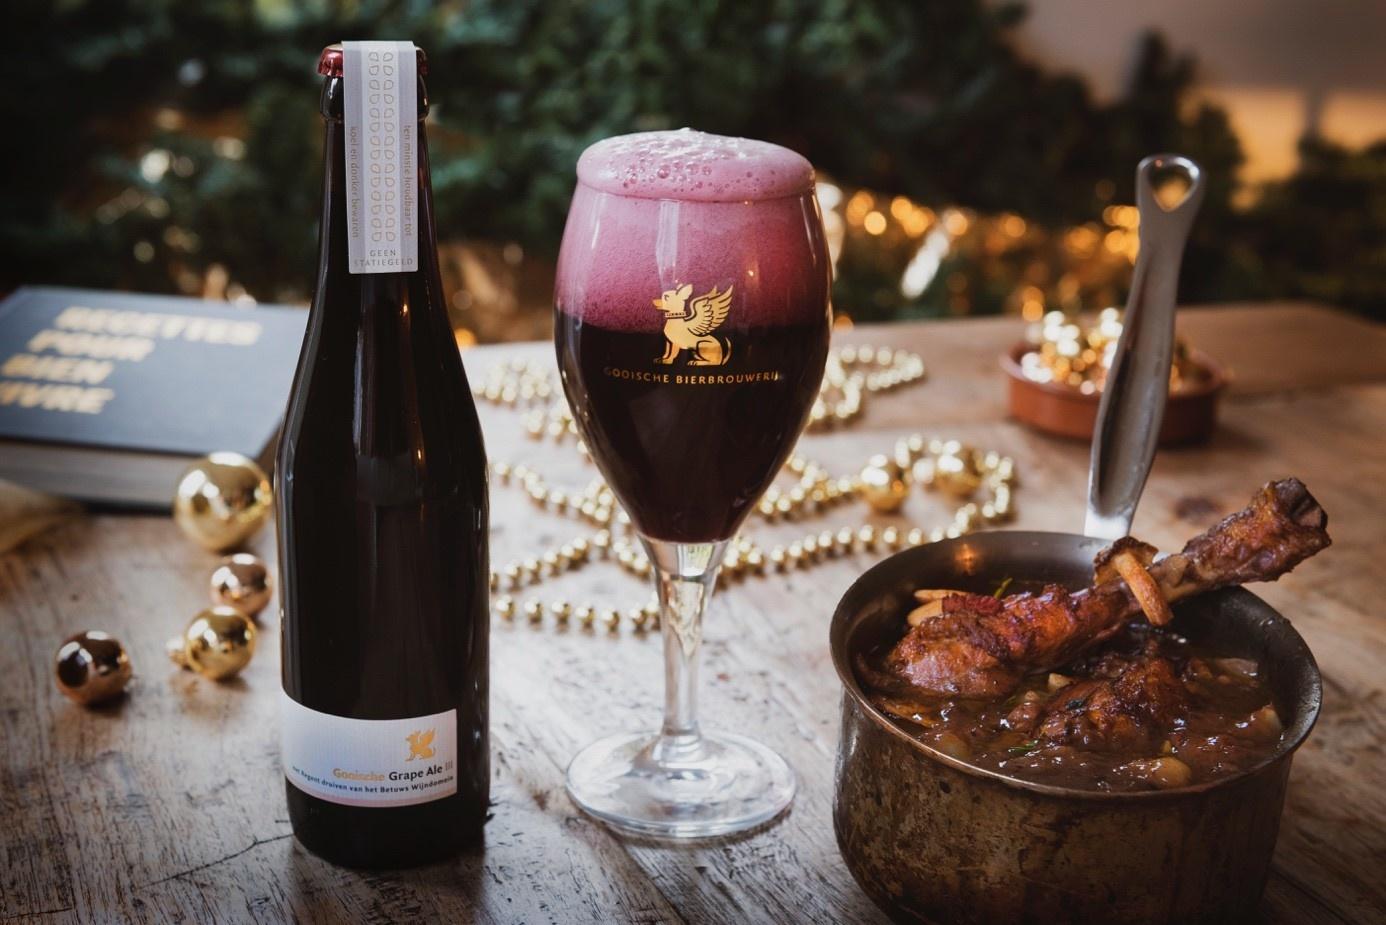 Grape Ales en Barrel Aged van de Gooische Bierbrouwerij